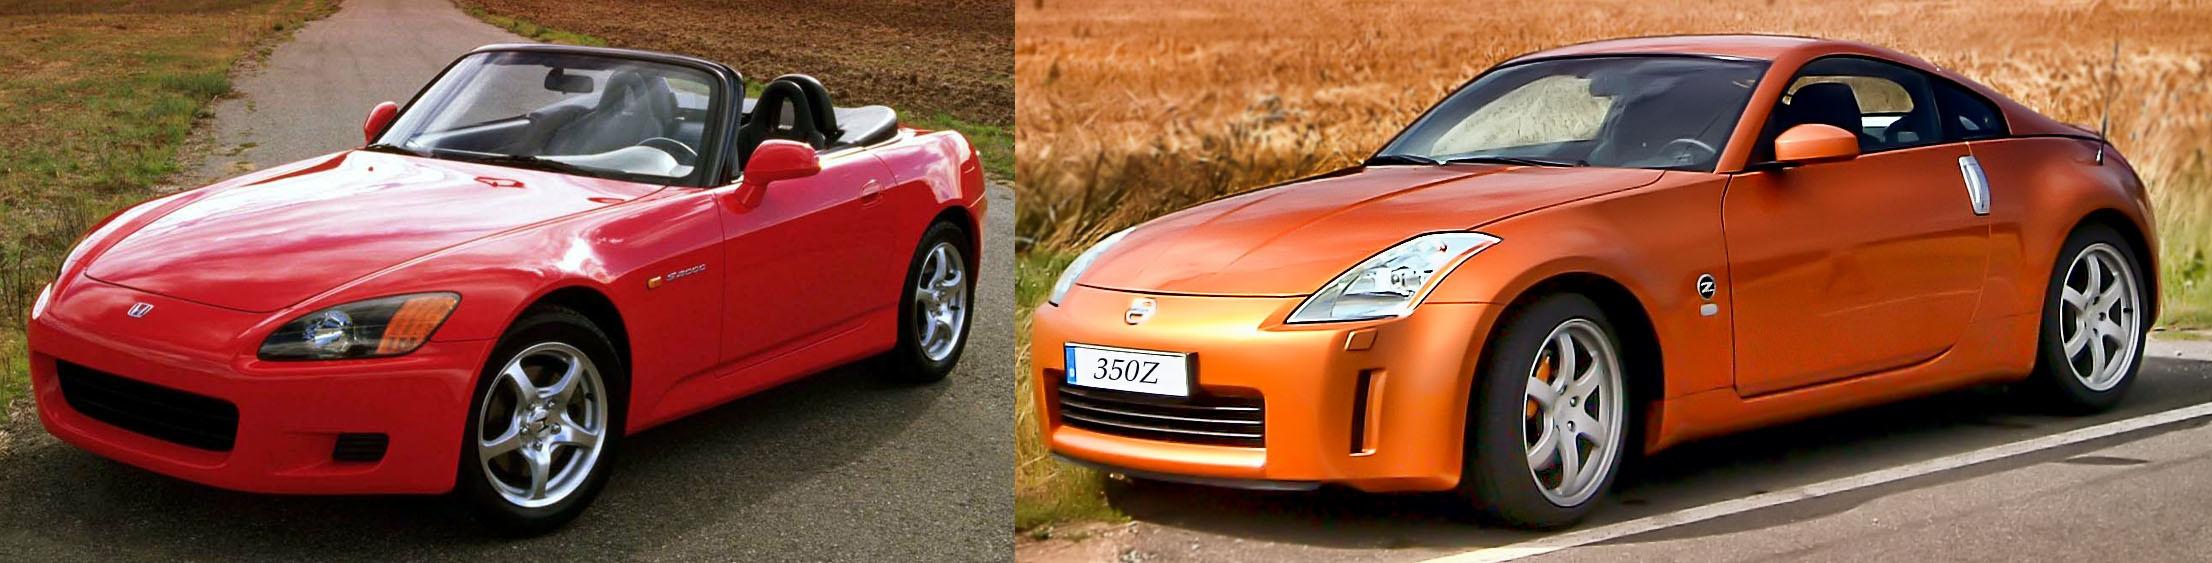 Honda S2000 vs Nissan 350z  060 Specs